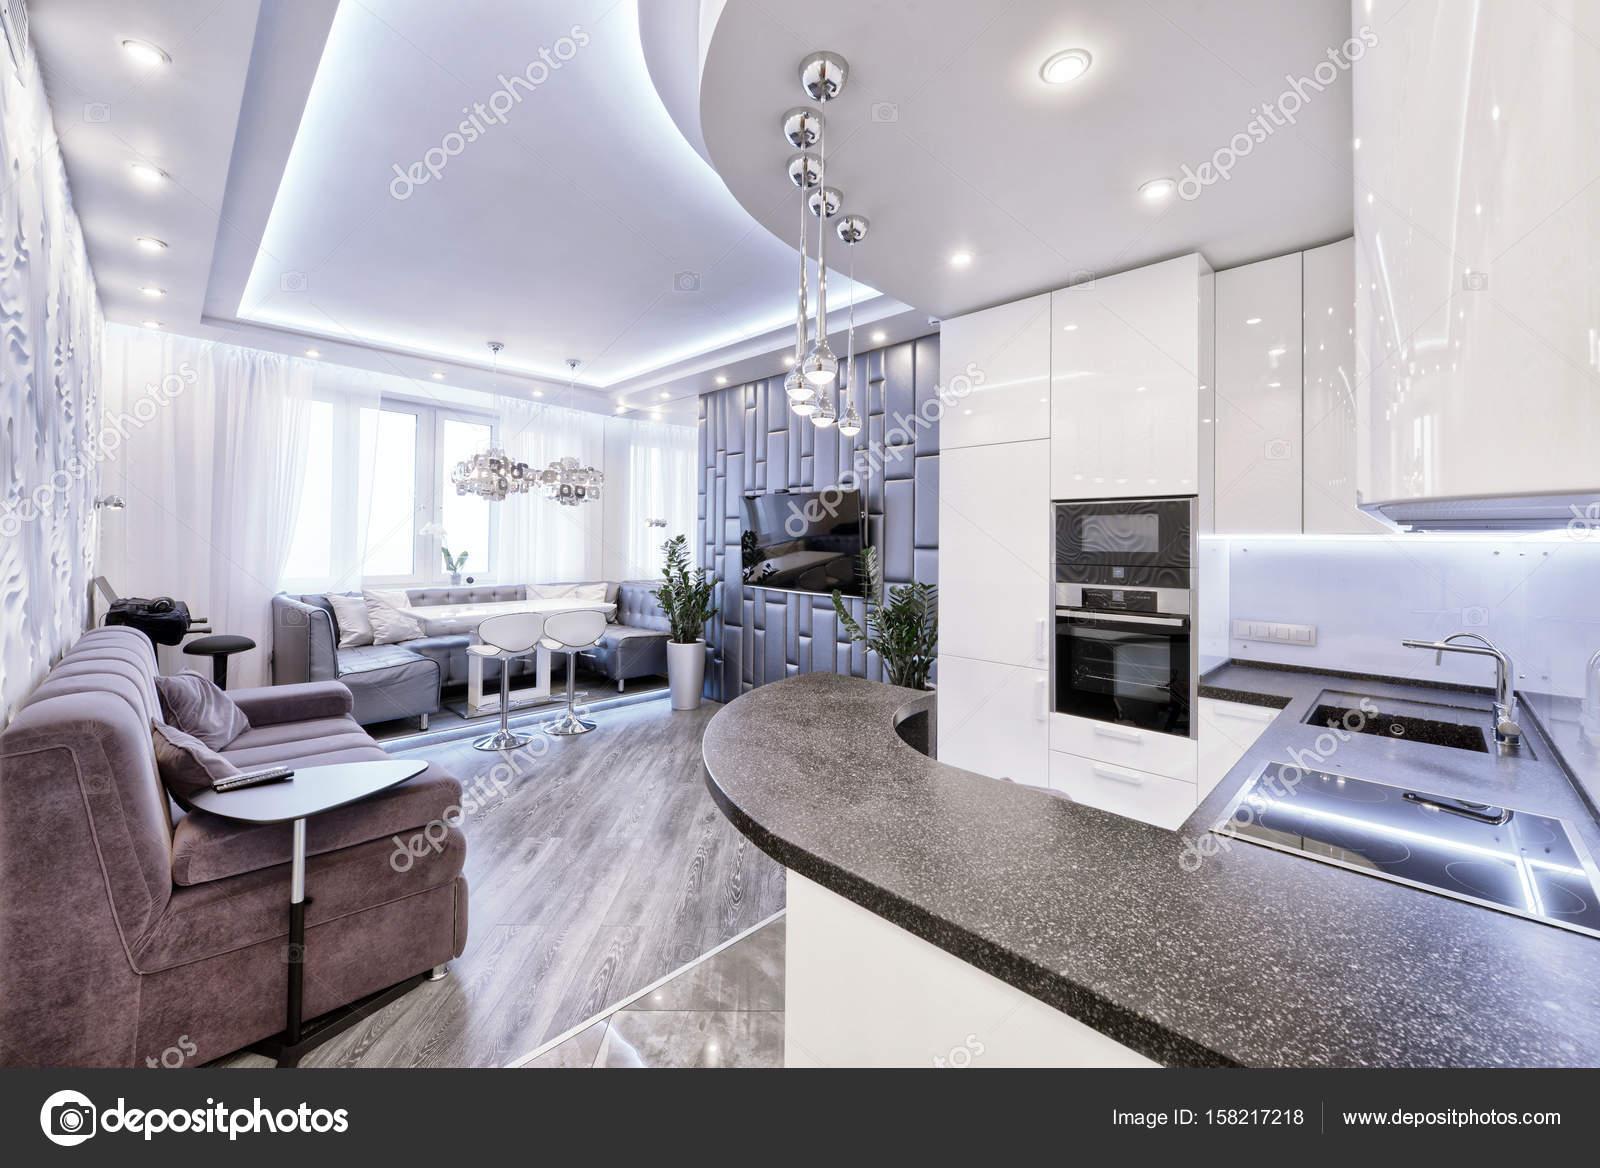 espace intrieur design moderne avec cuisine blanc brillant dans un appartement de luxe dans des tons